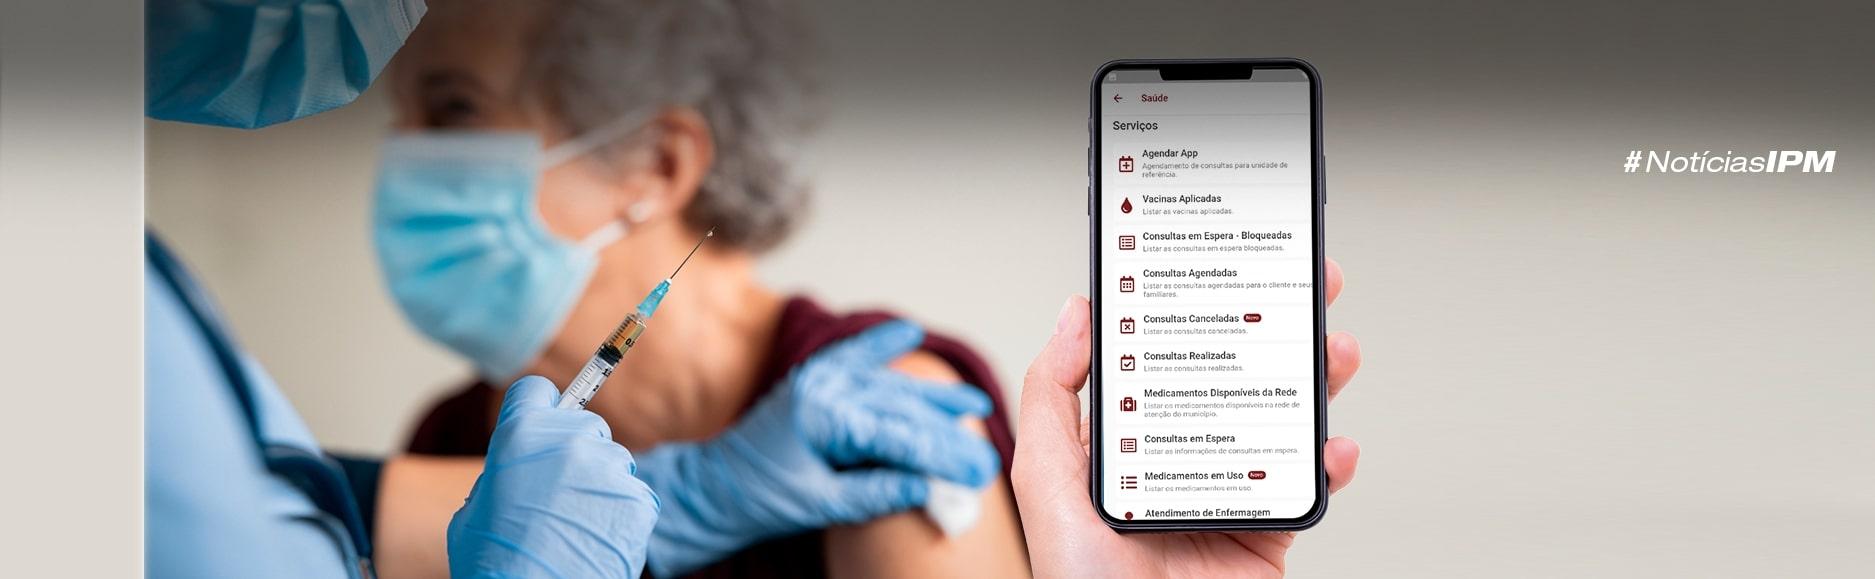 Carteira de Vacinação Digital: Candelária (RS) usa tecnologia para facilitar atendimento ao cidadão